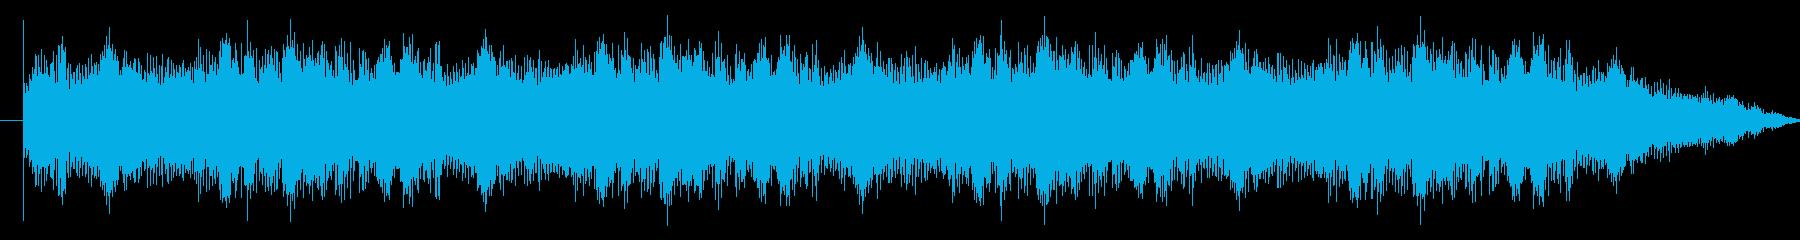 不気味で物静かな雰囲気のホラー系BGMの再生済みの波形